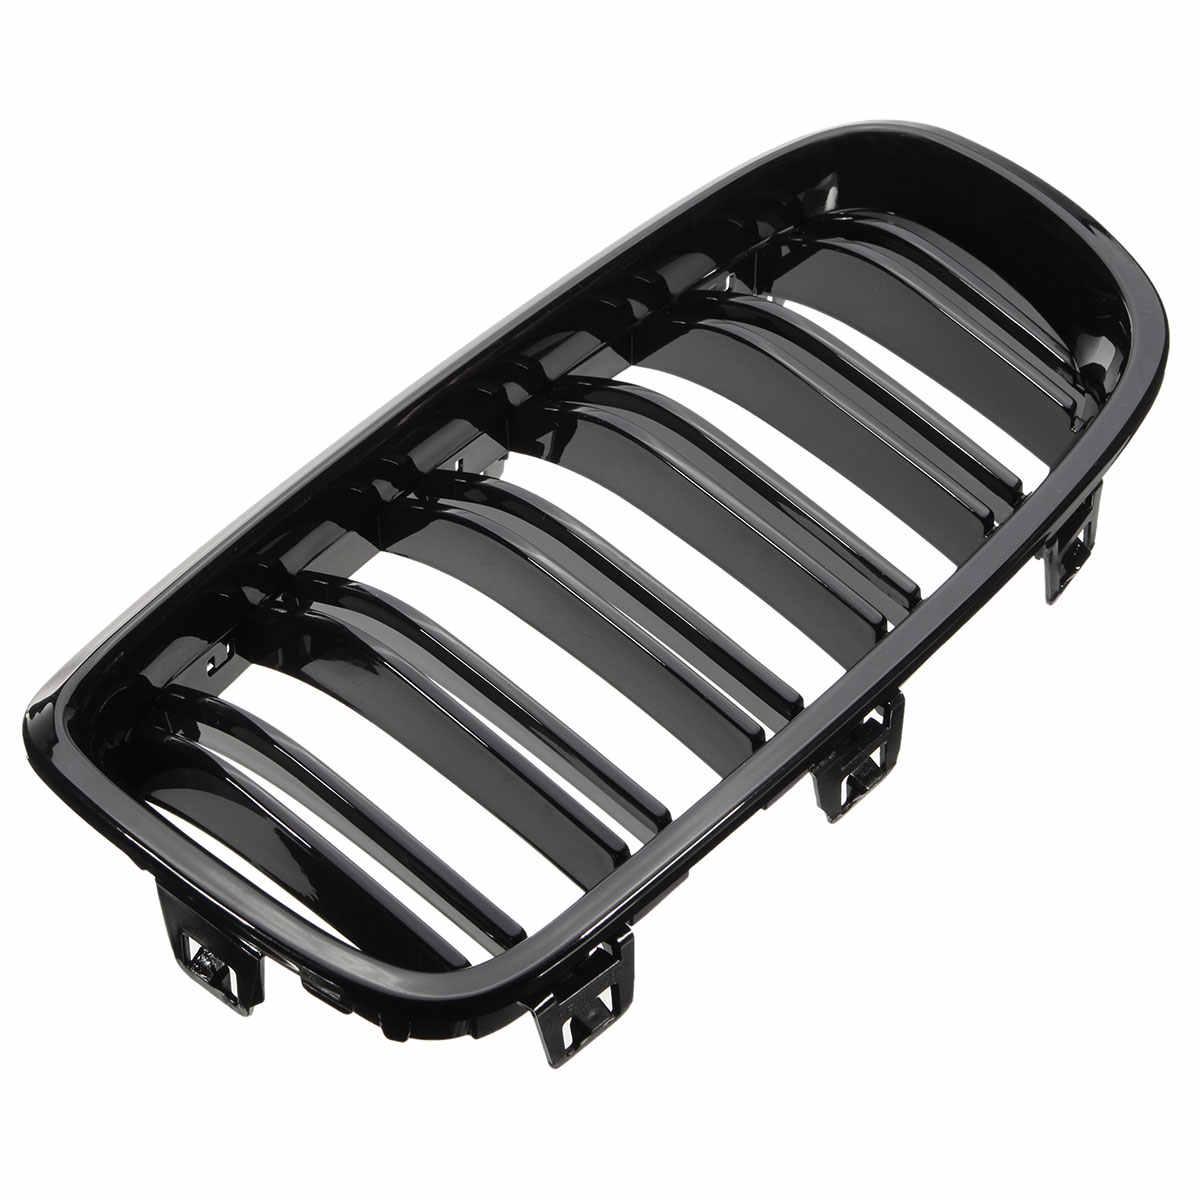 Gorąca para przednia kratka w kształcie nerki grille czarny błyszczący dla BMW F30 F31 F35 320i 328i 335i 2012 2013 2014 2015 2016 2017 wyścigi samochodowe Gri